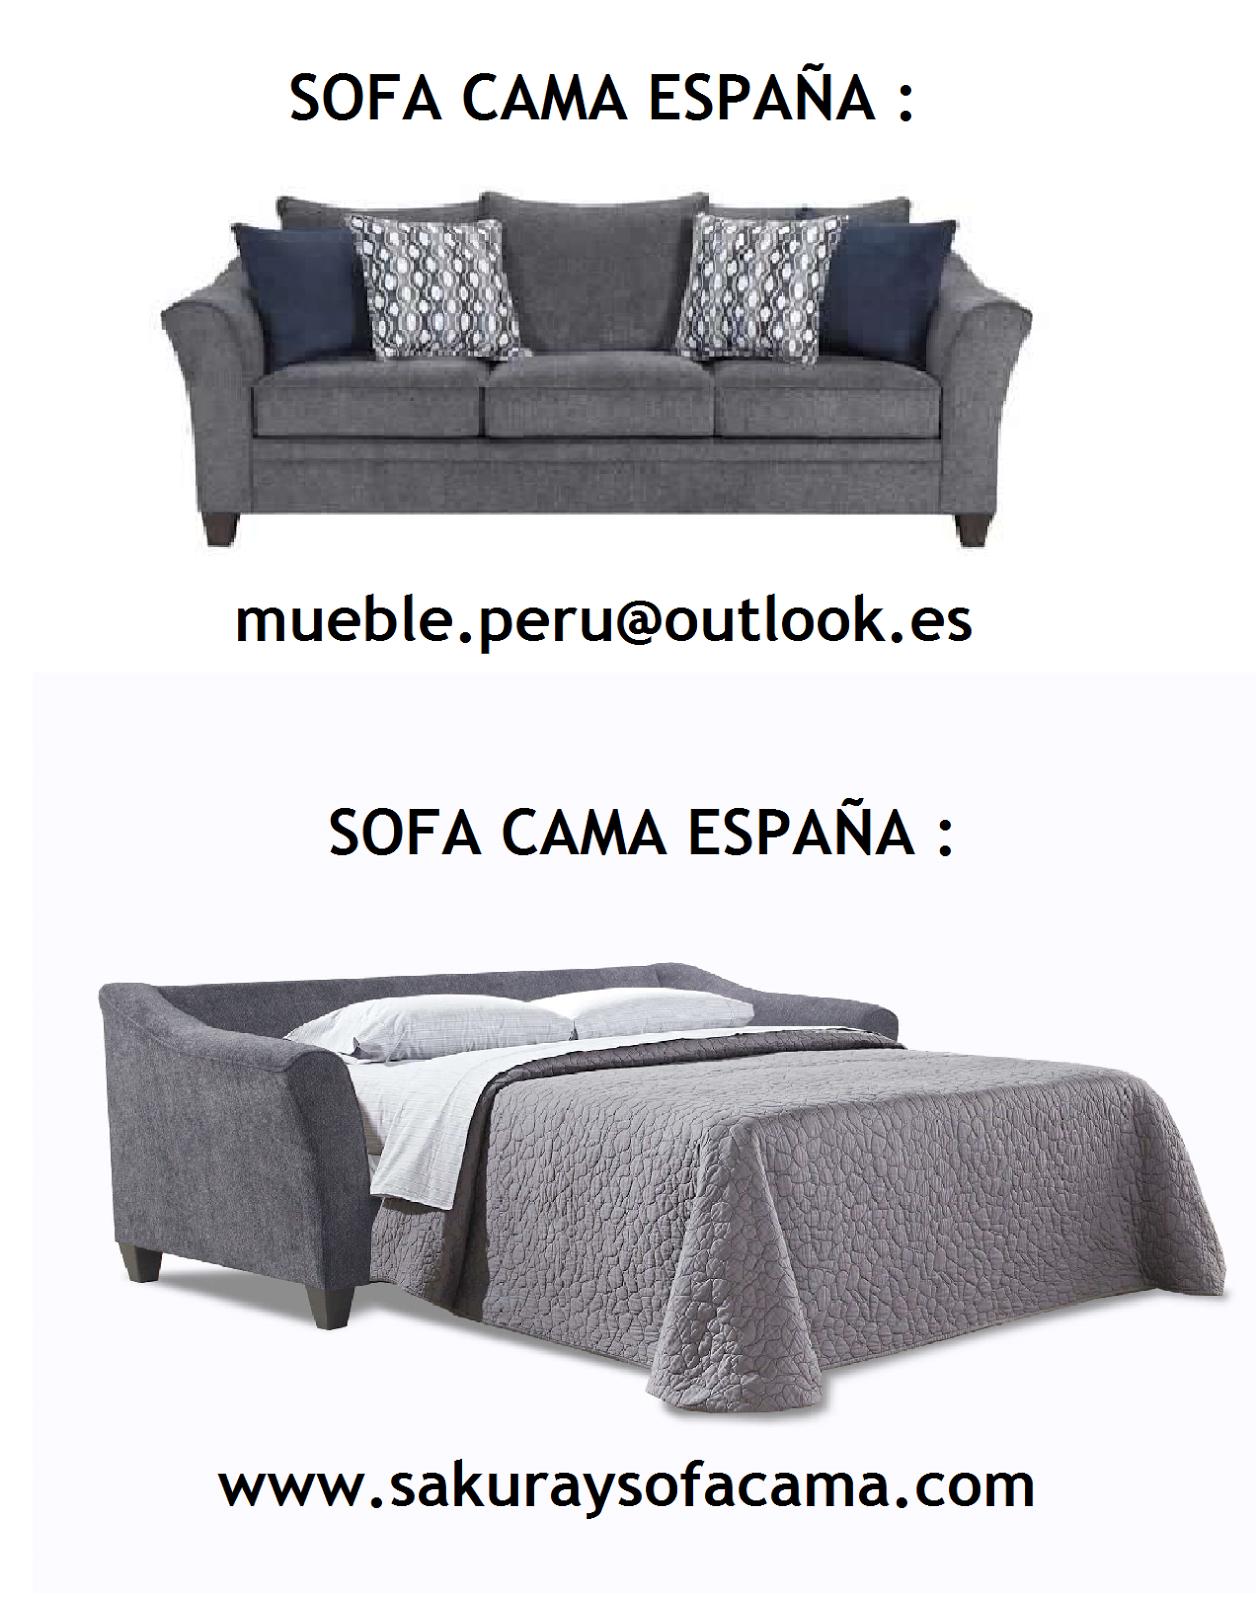 Mueble peru sakuray sofa cama espa a - Sofa cama espana ...